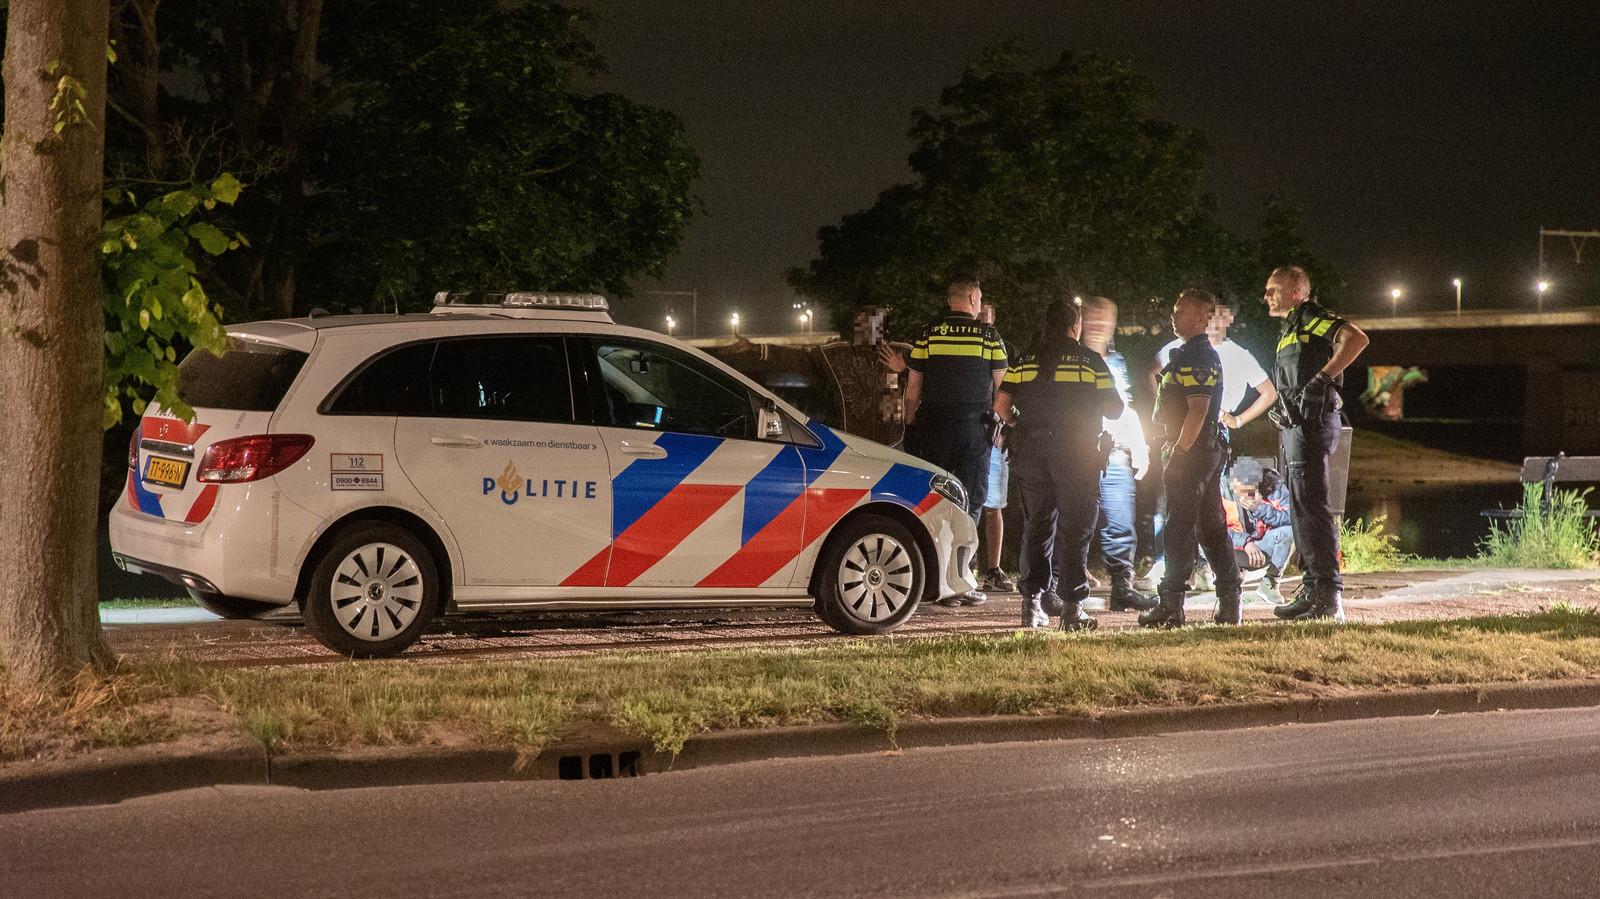 De politie moest twee keer uitrukken vanwege onrust op de IJsseloever in Deventer.